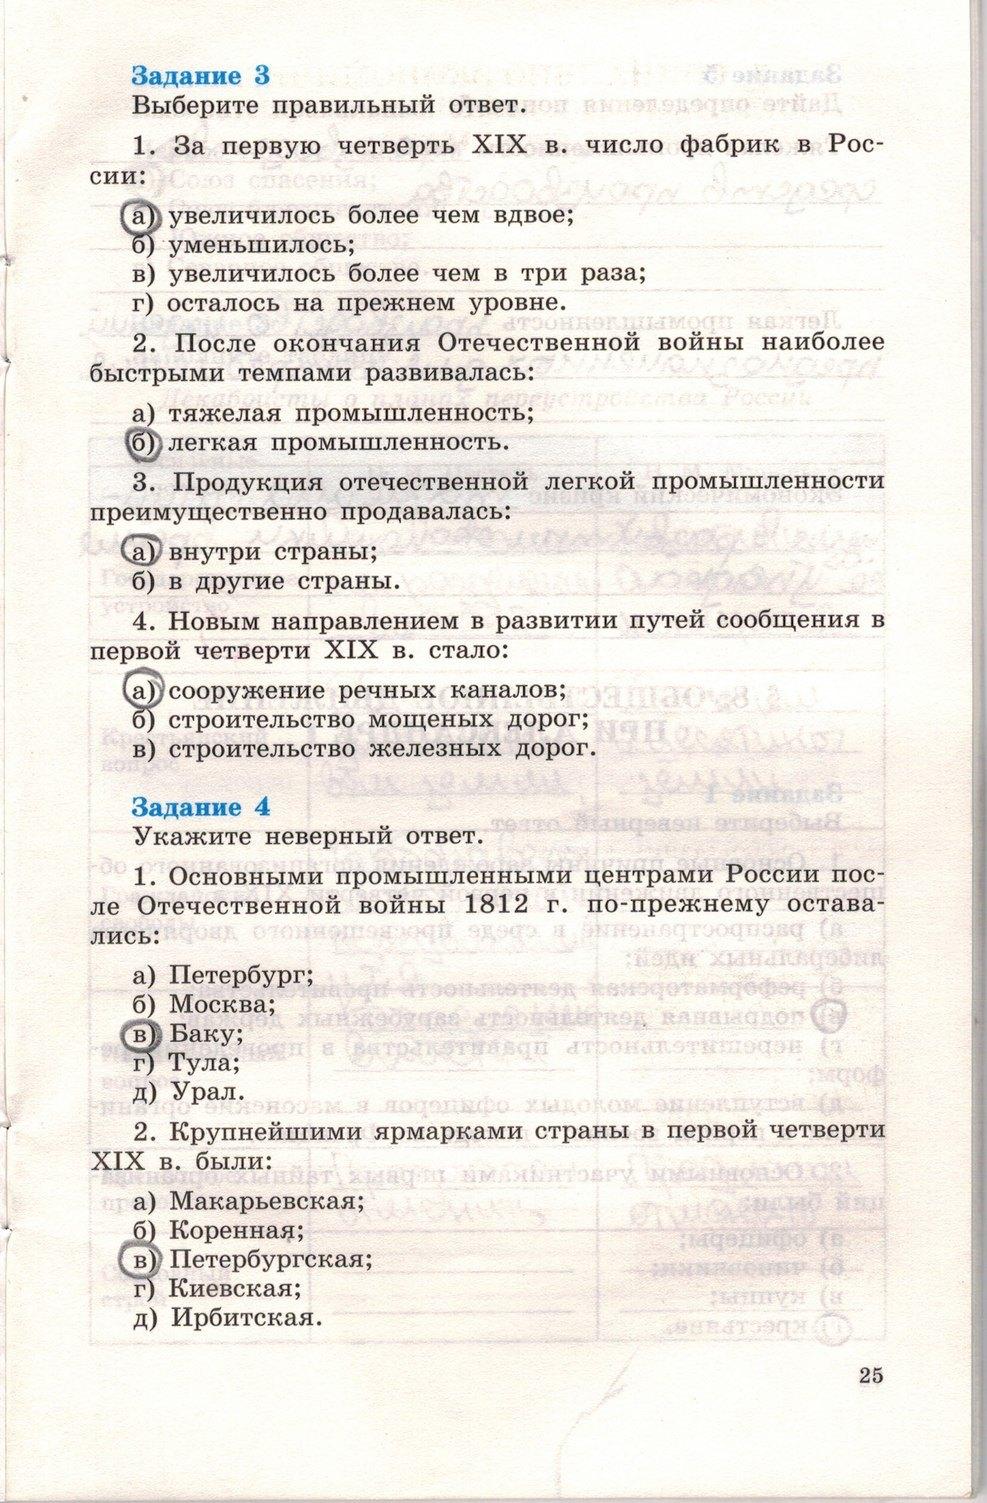 Ответы на вопросы учебника истории 8 класс 88